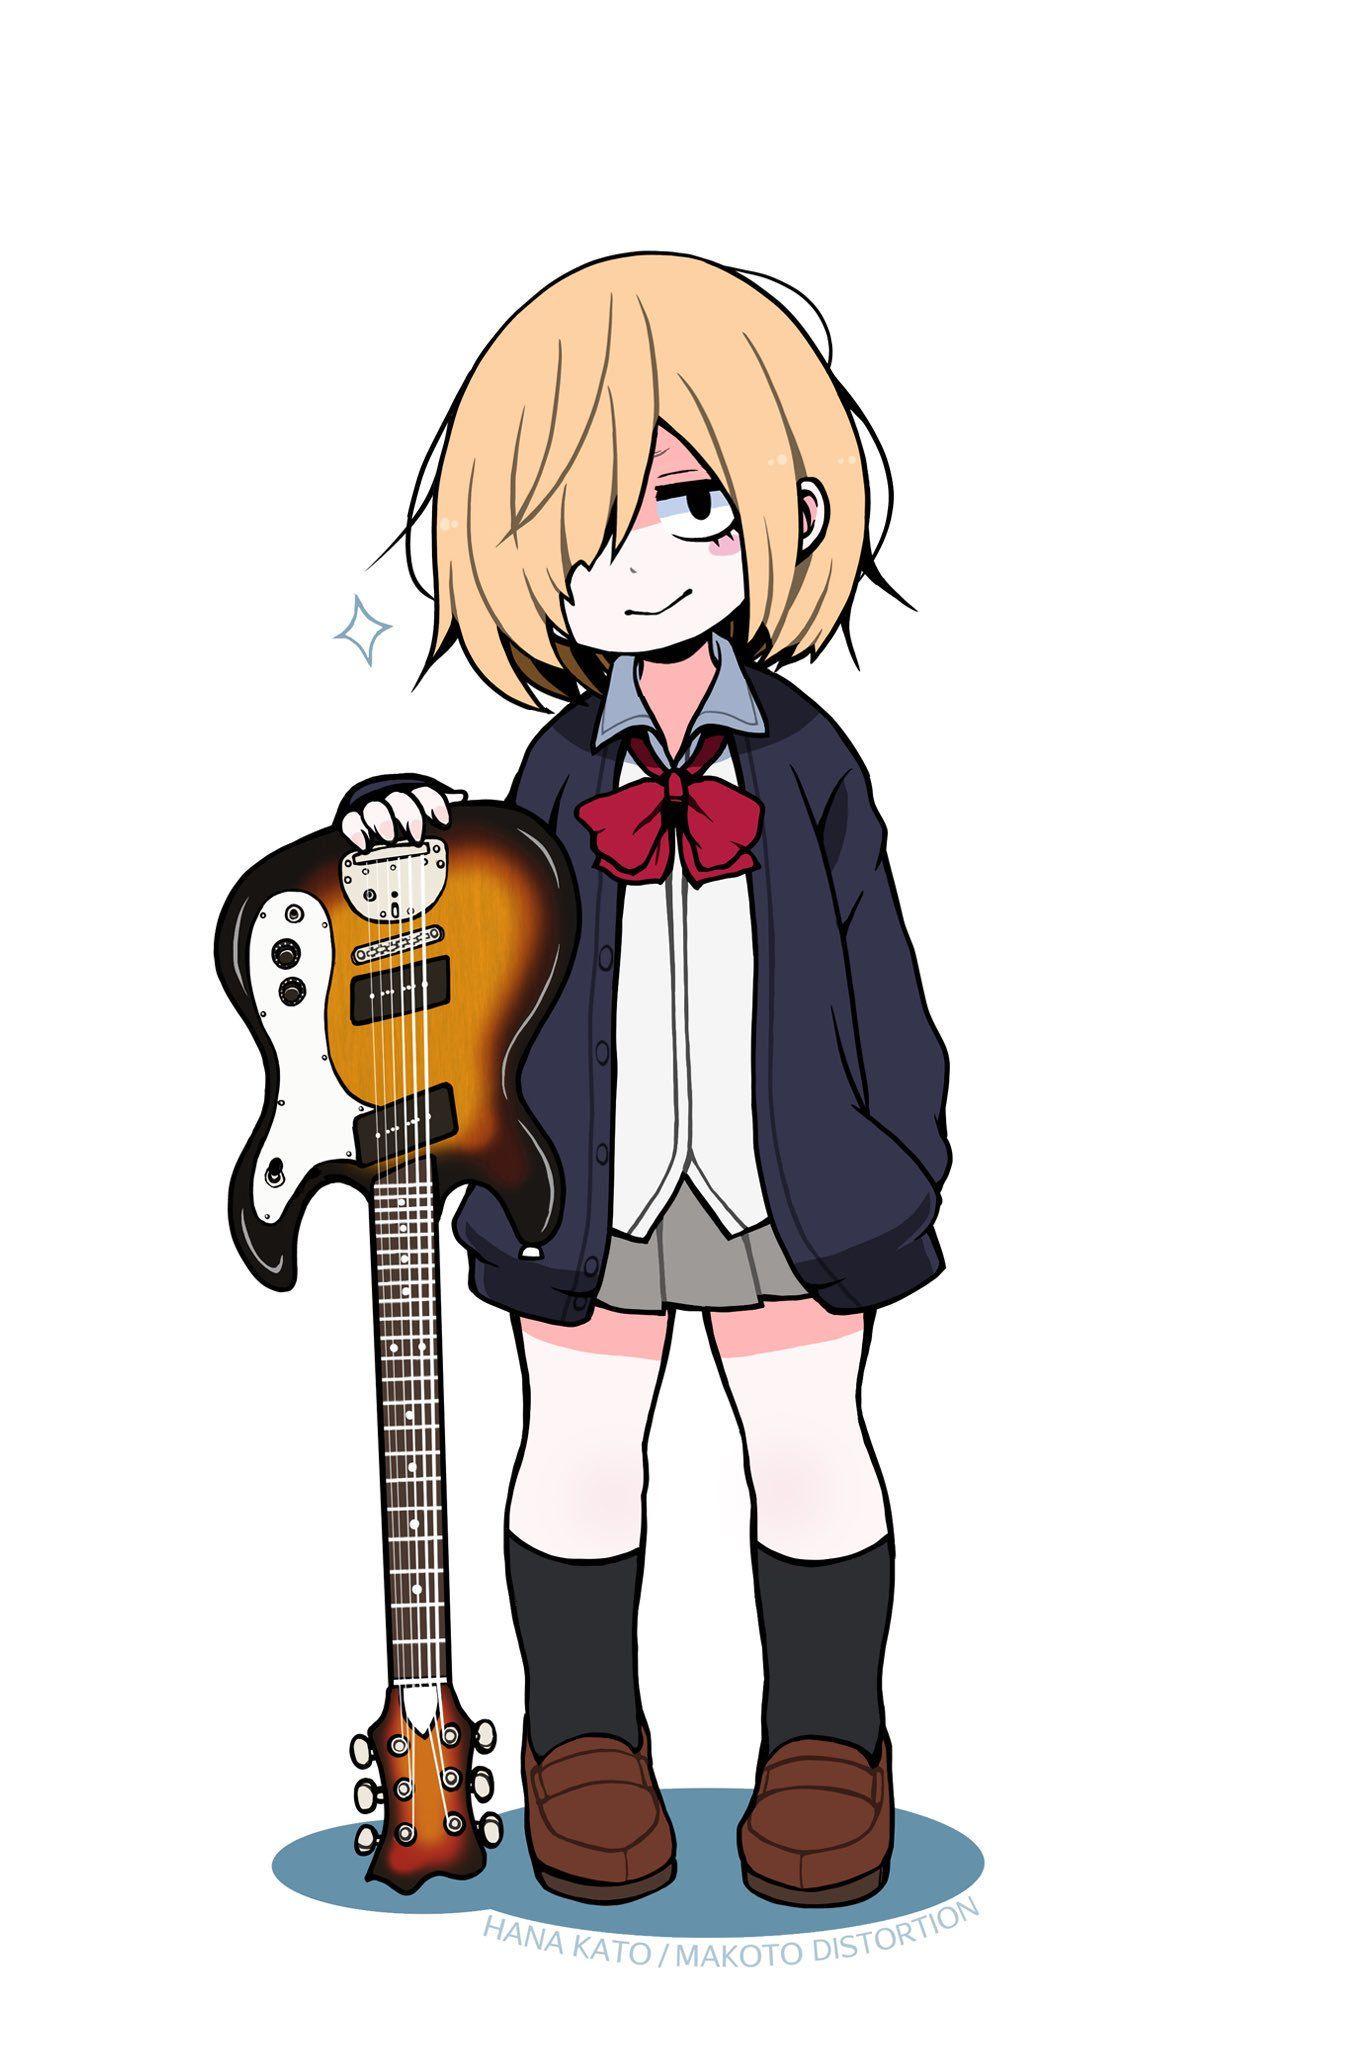 とまん/TOMAN ROCK on 漫画, イラスト, ギター